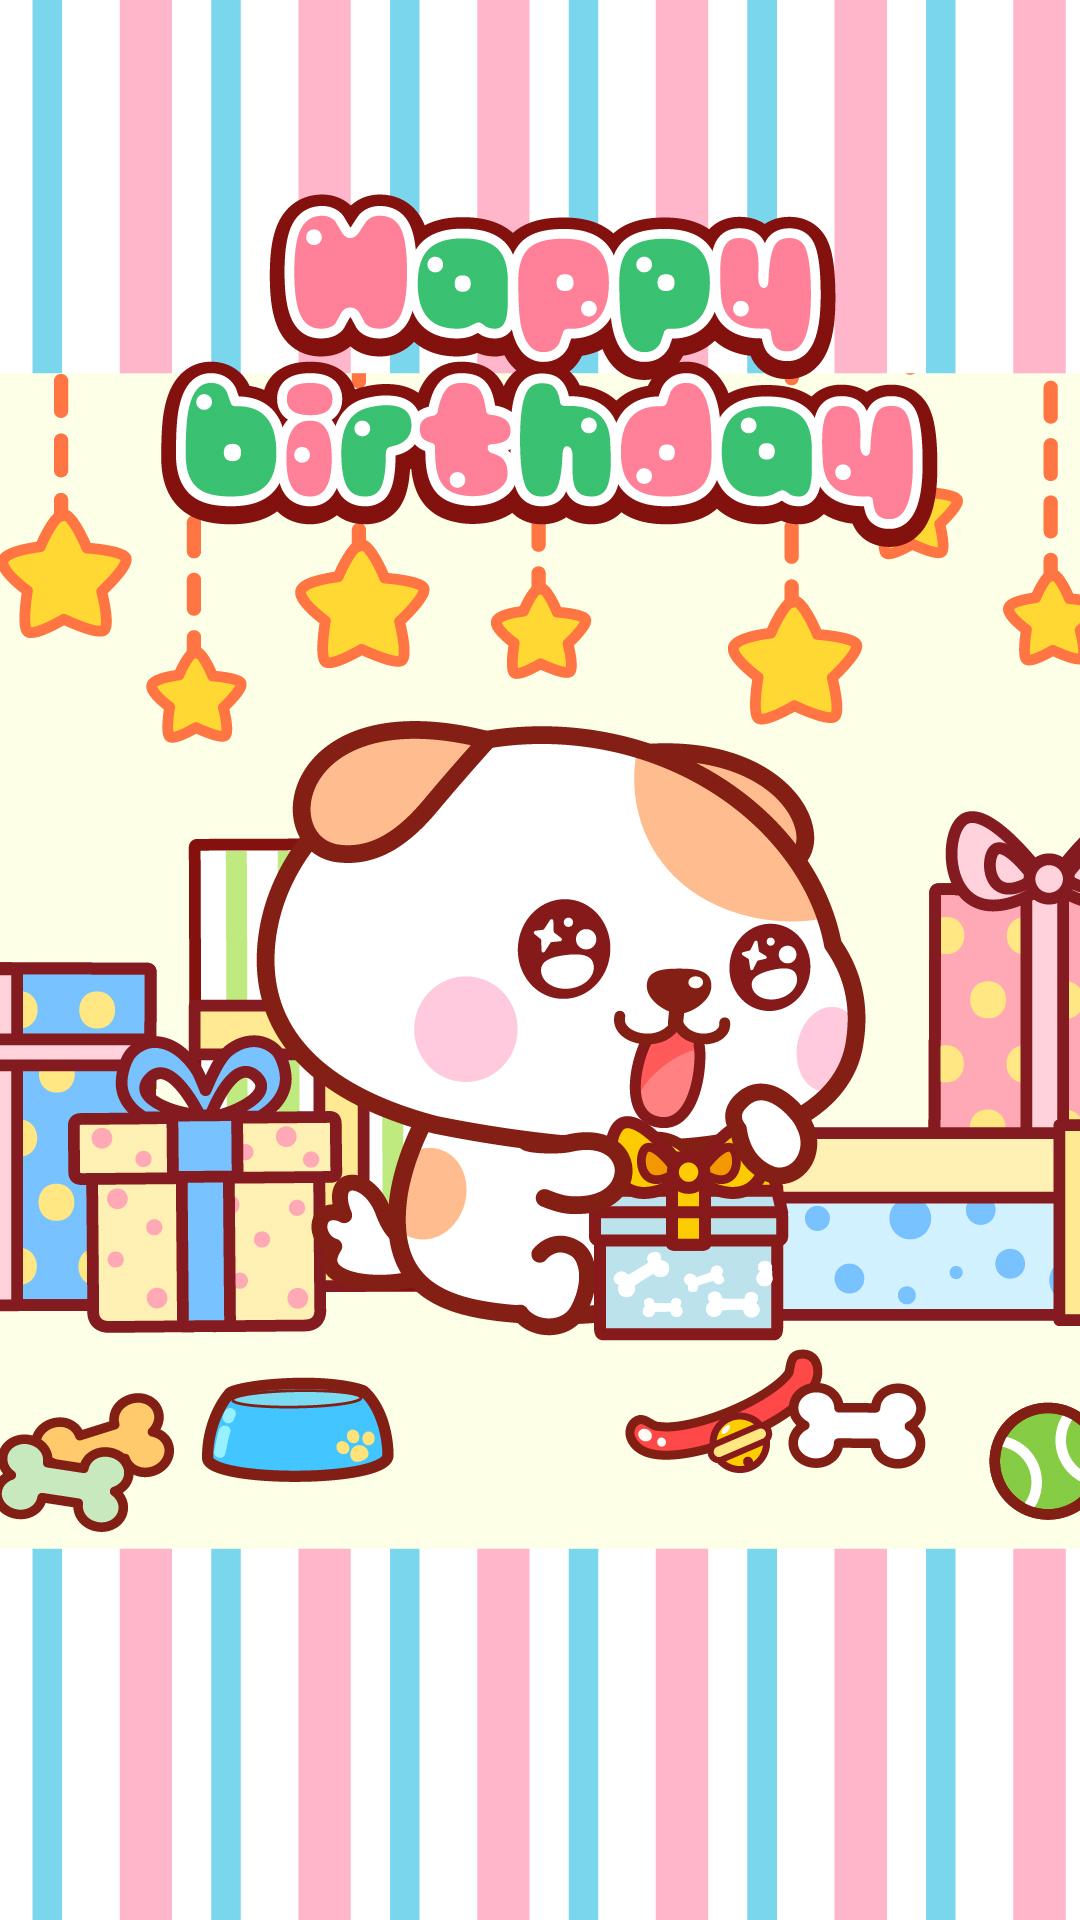 秋田君生日快乐